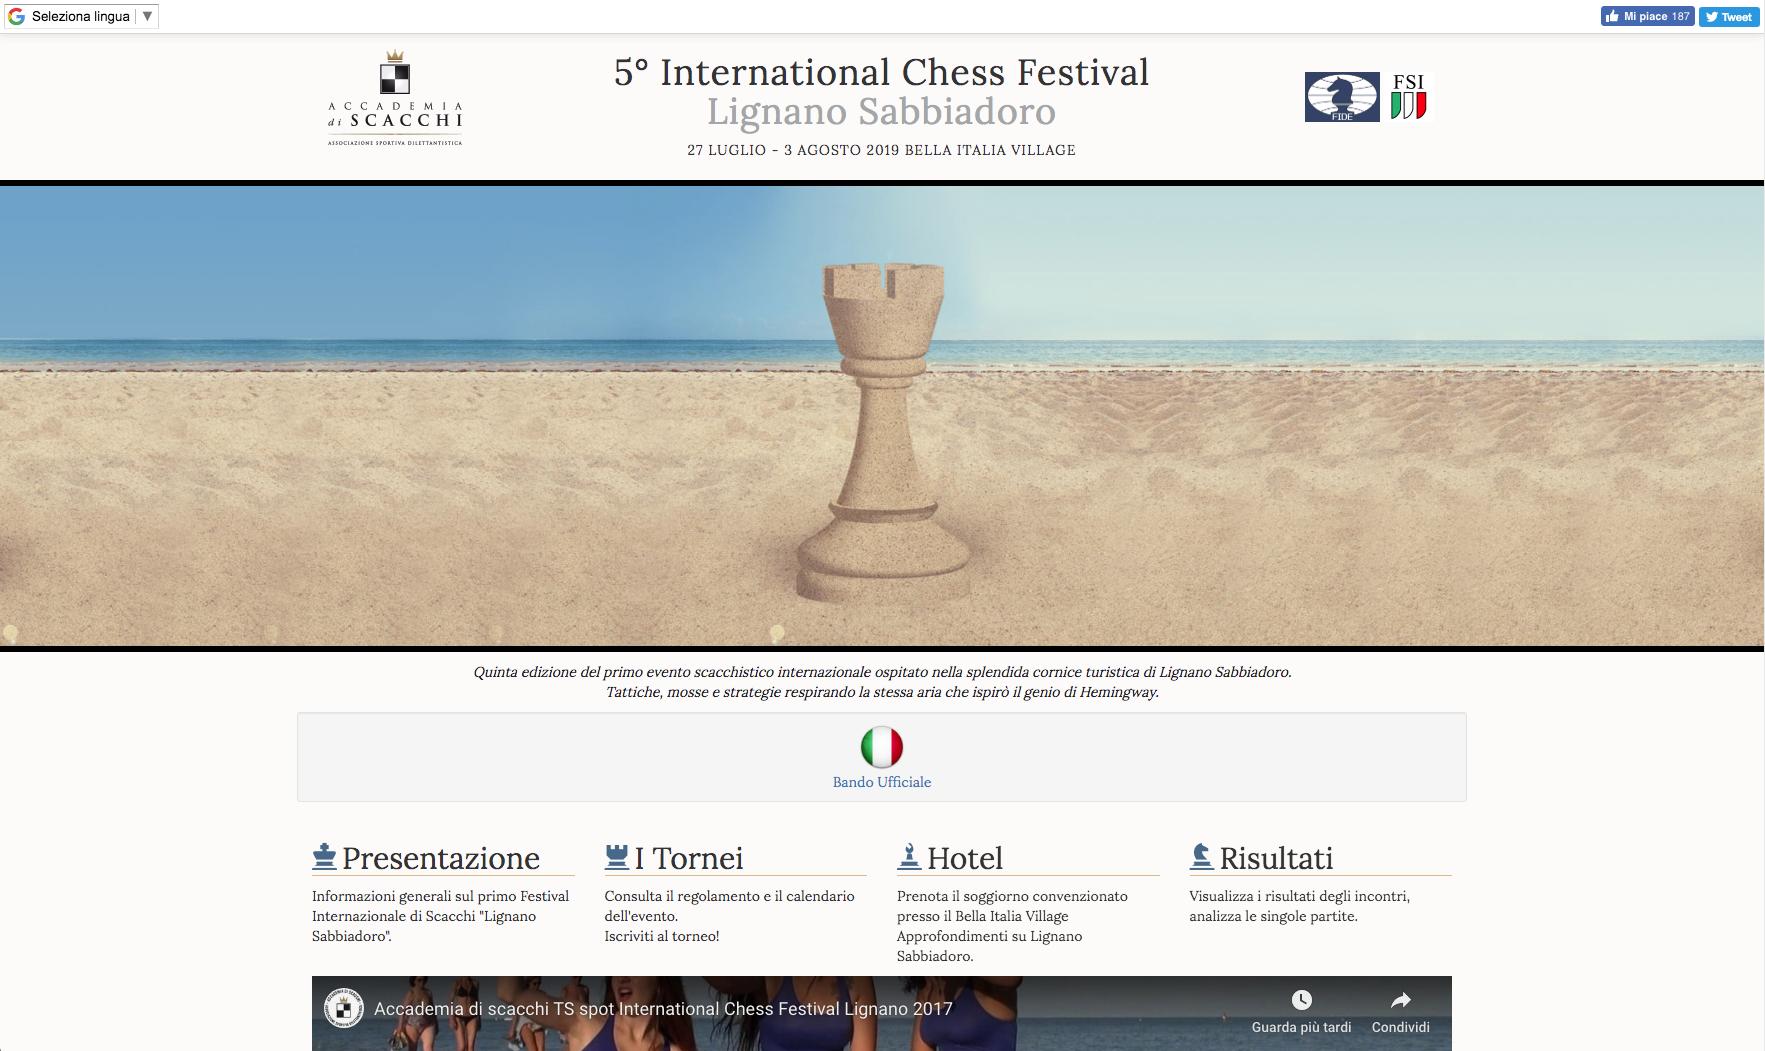 Sito Torneo Internazionale di Scacchi Lignano Sabbiadoro